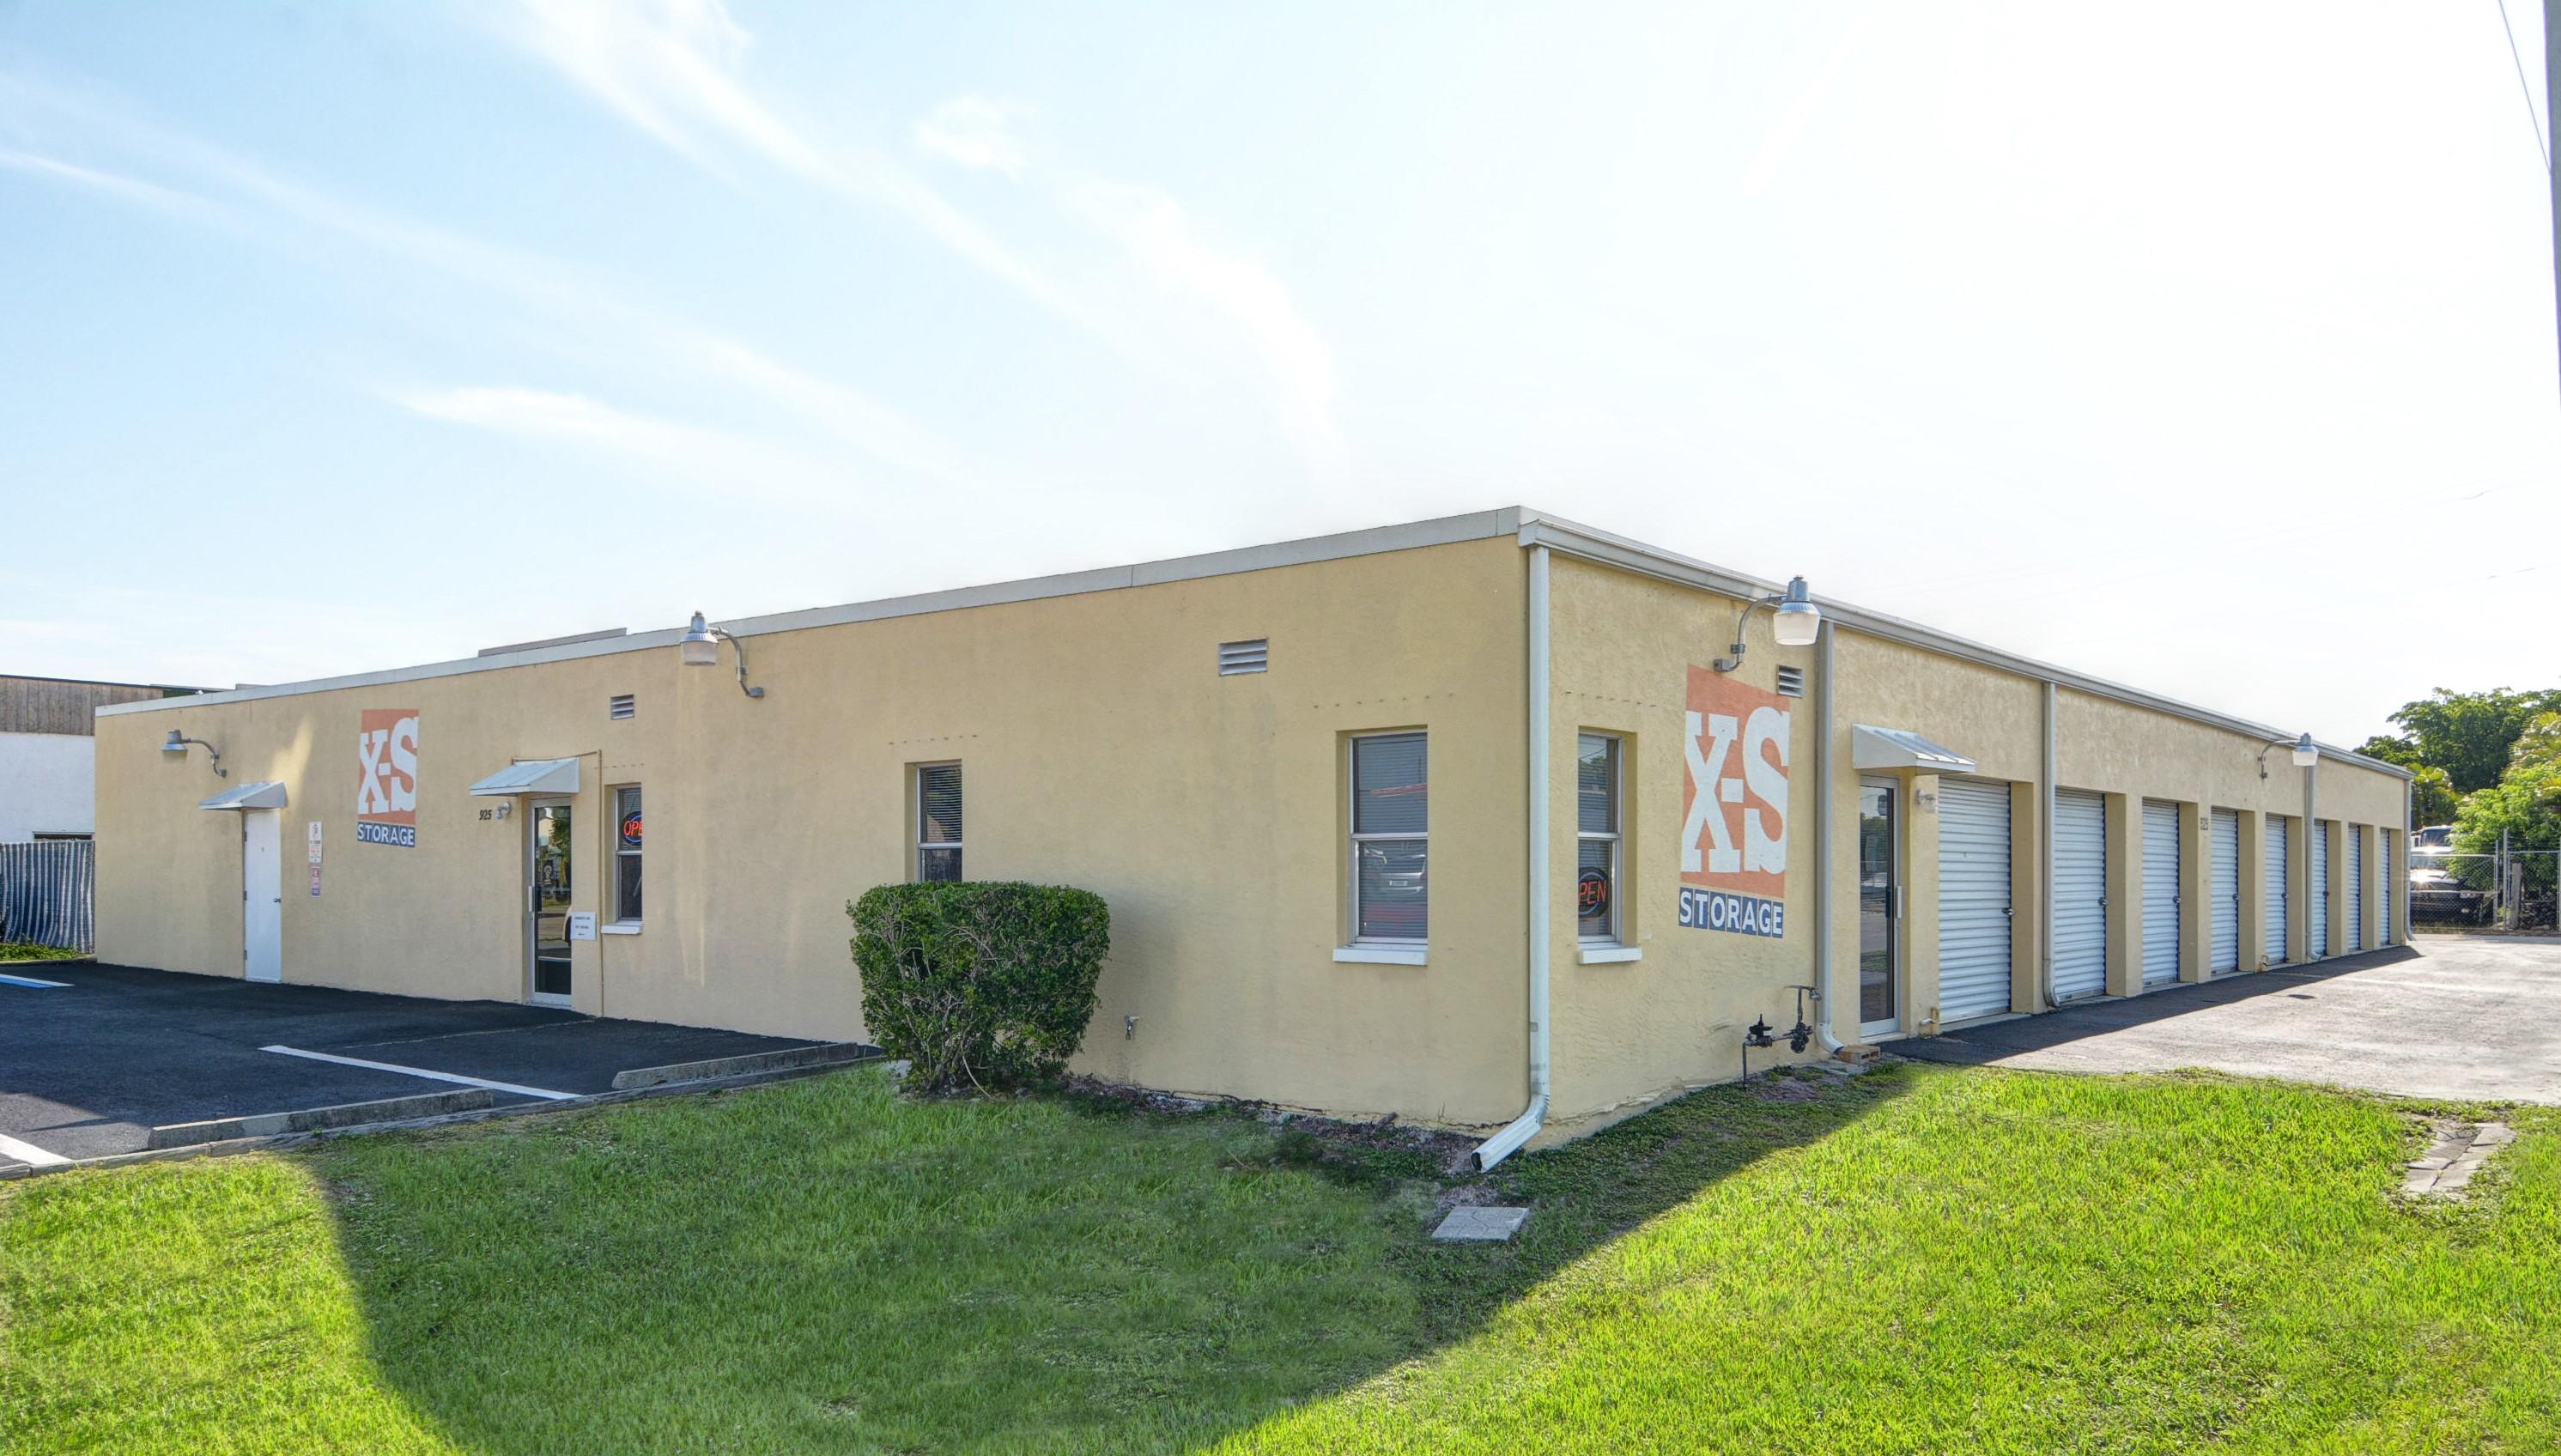 X-S Storage Facility